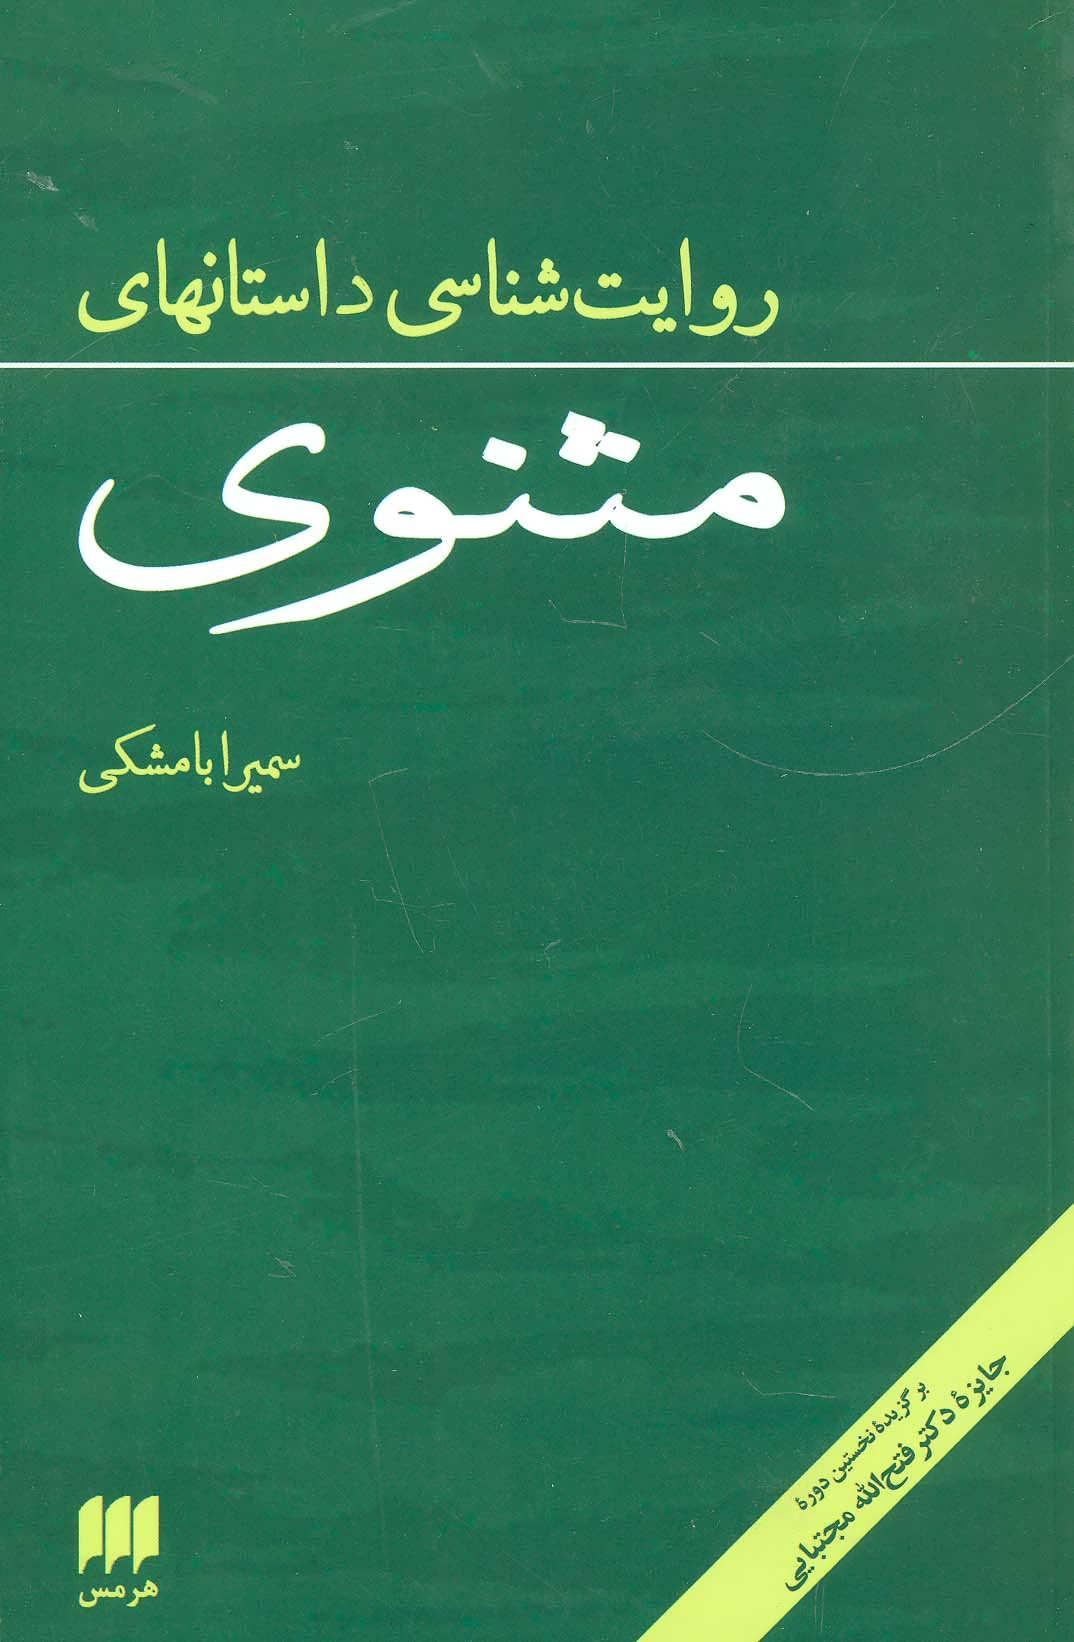 روایت شناسی داستانهای مثنوی (زبان و ادبیات52)